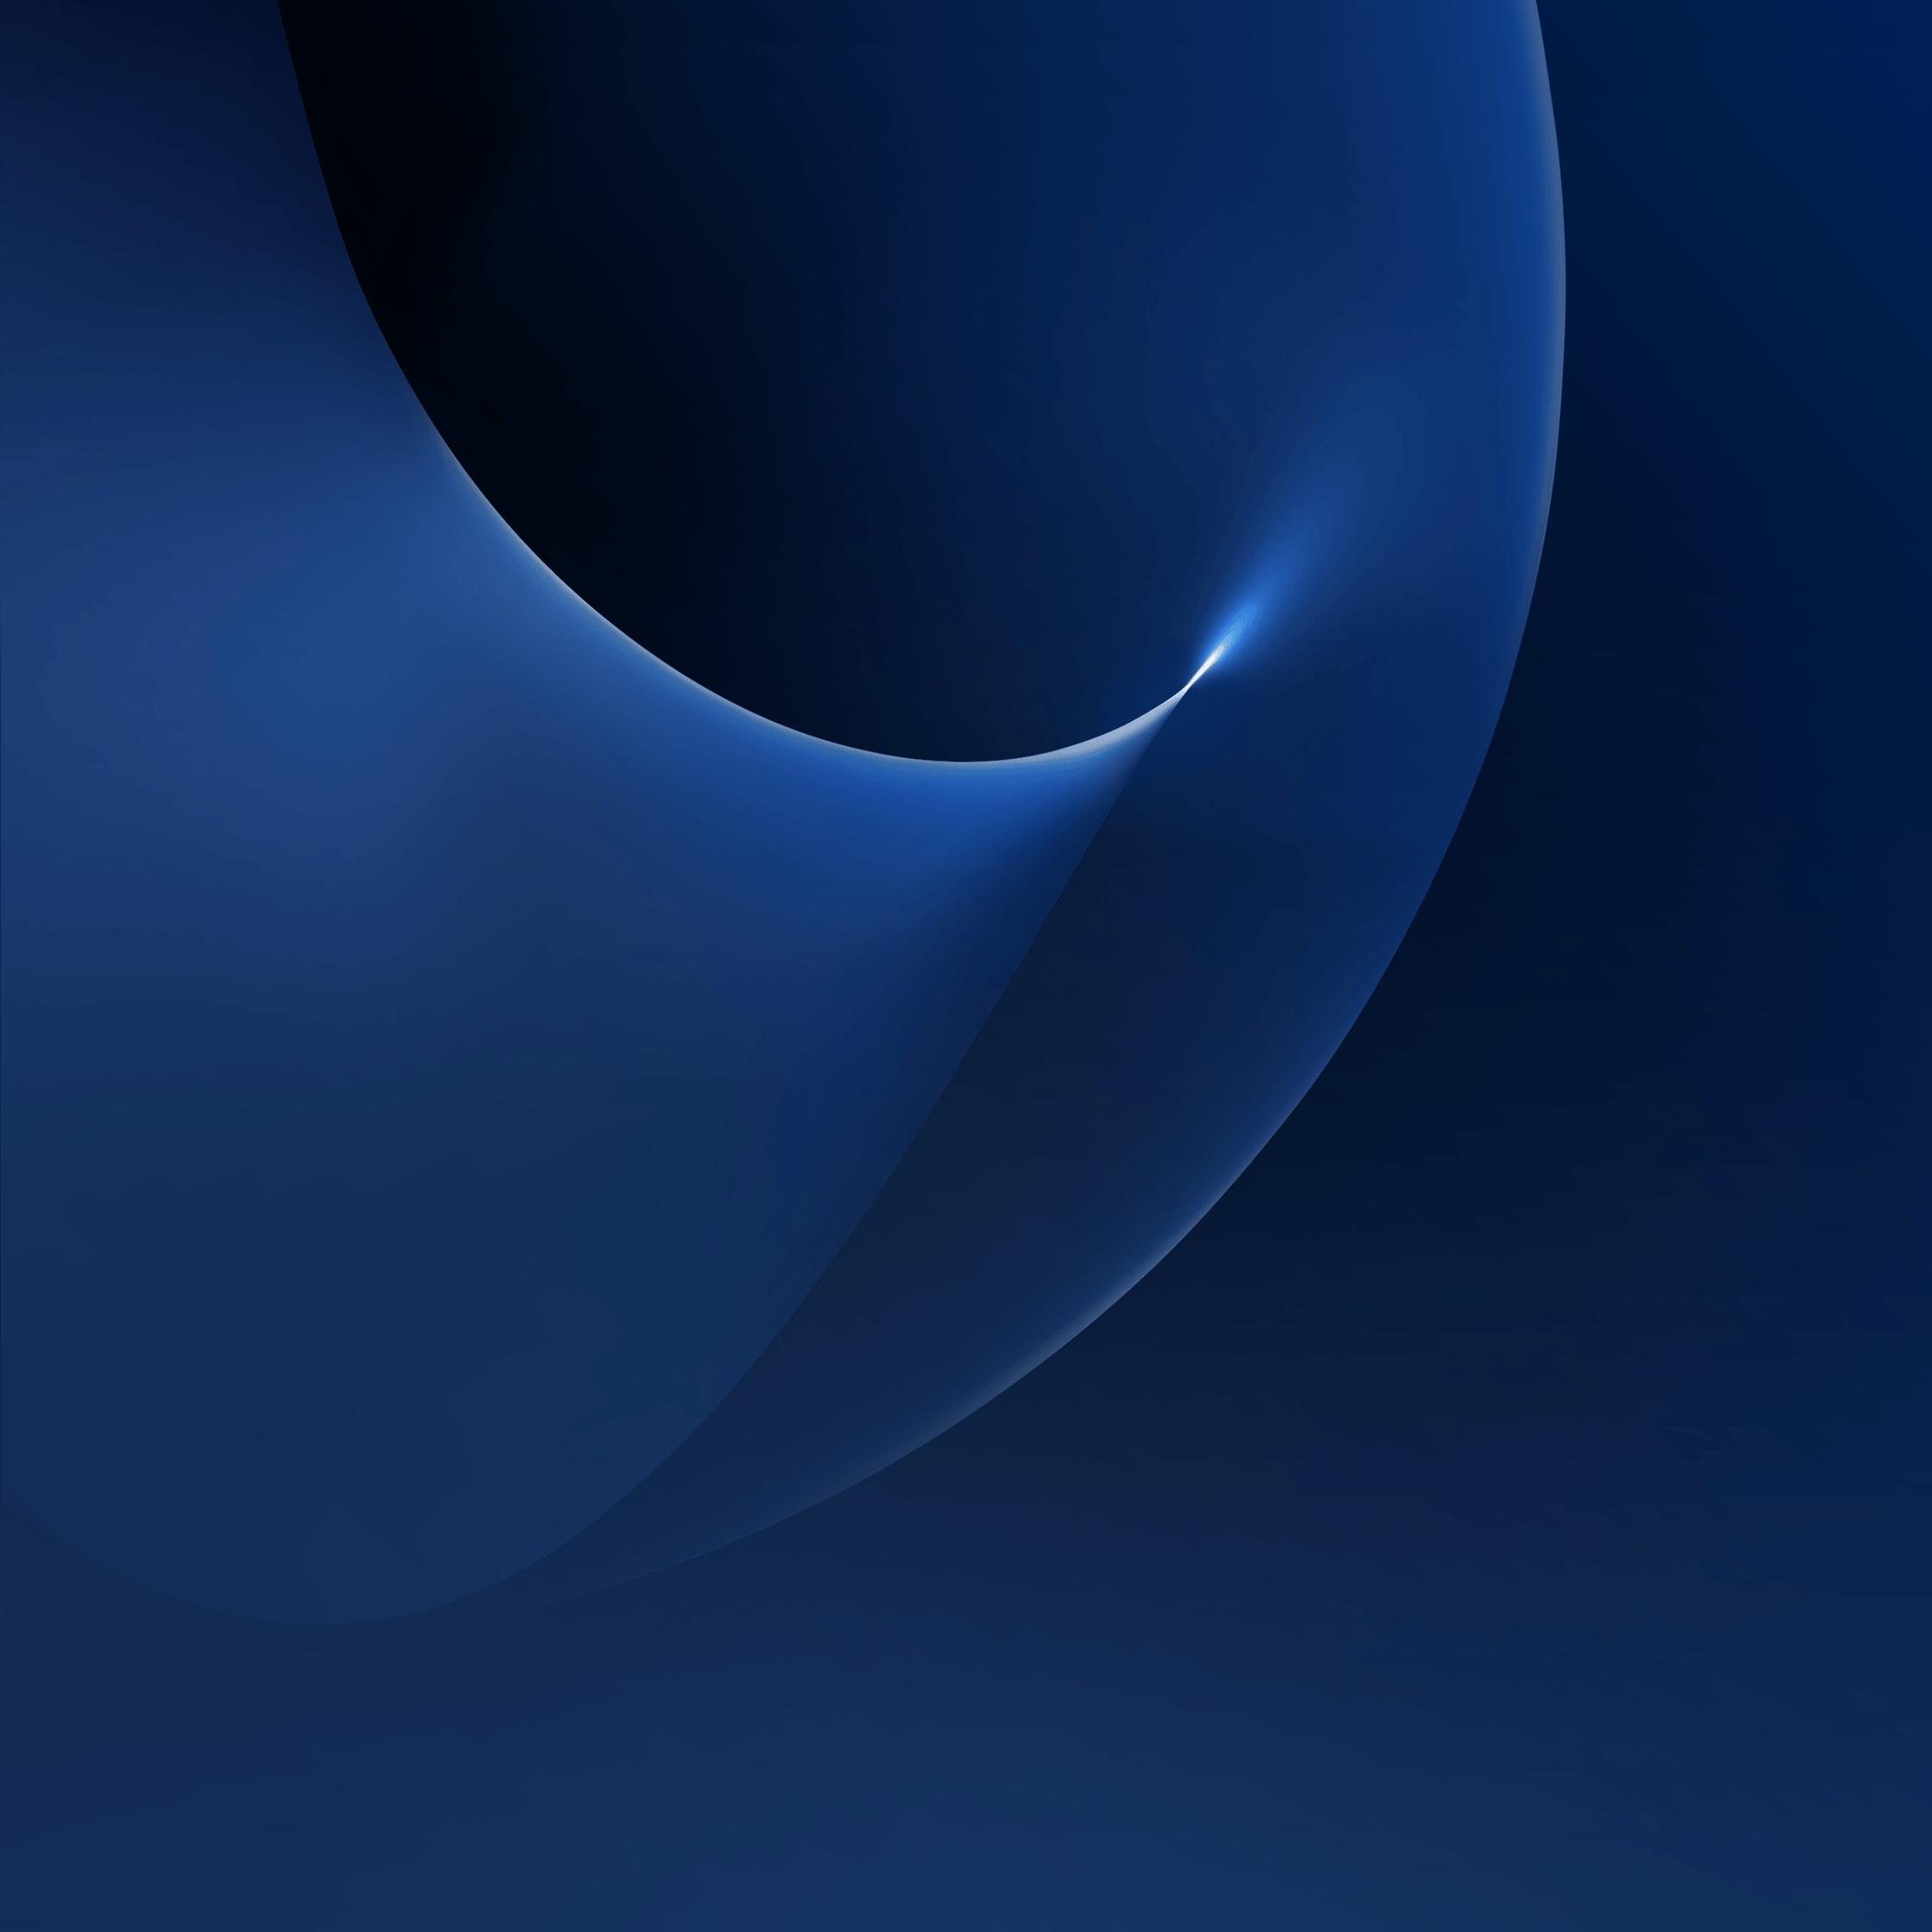 hyperion 7 galaxy y download